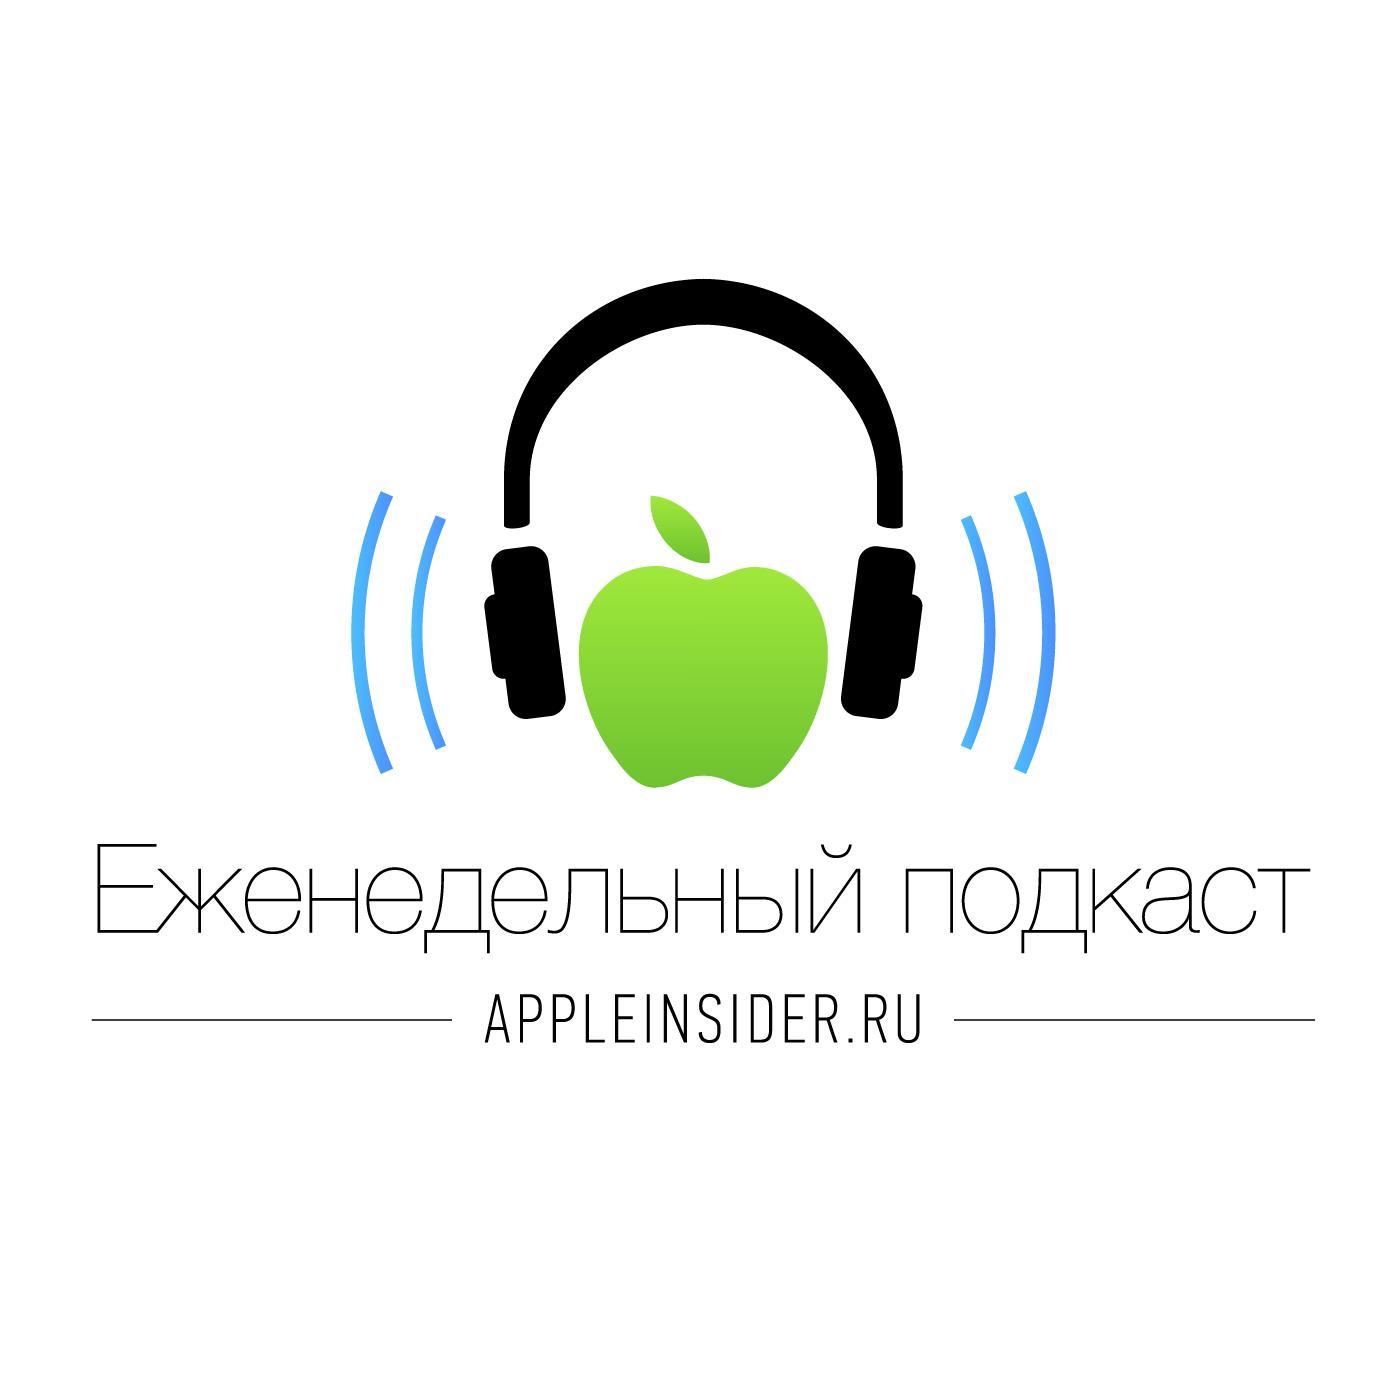 Миша Королев Рост цен отменяется: НДС не повлиял на стоимость приложений в App Store миша королев чему равна наценка на iphone в российской рознице